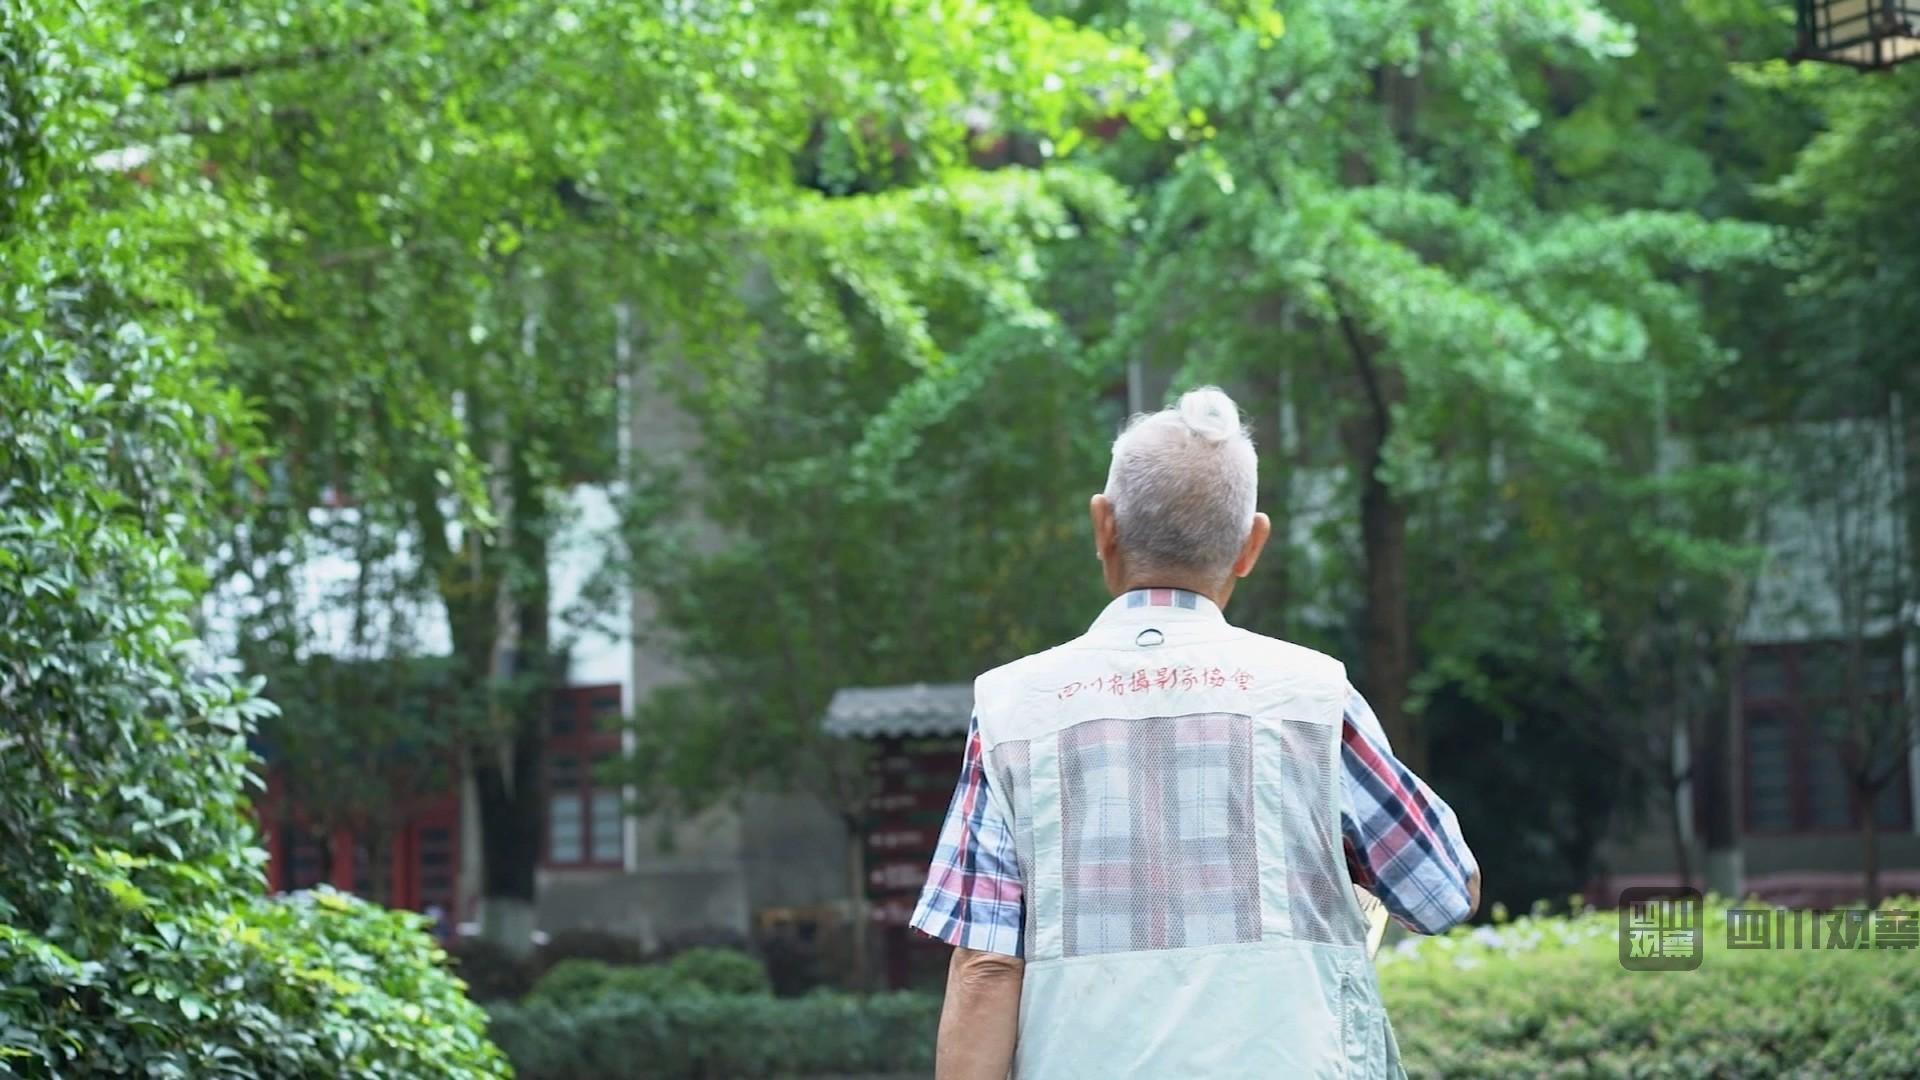 北京爱情故事电影在线观看完整版,北京爱情故事电影免费观看手机版  第3张